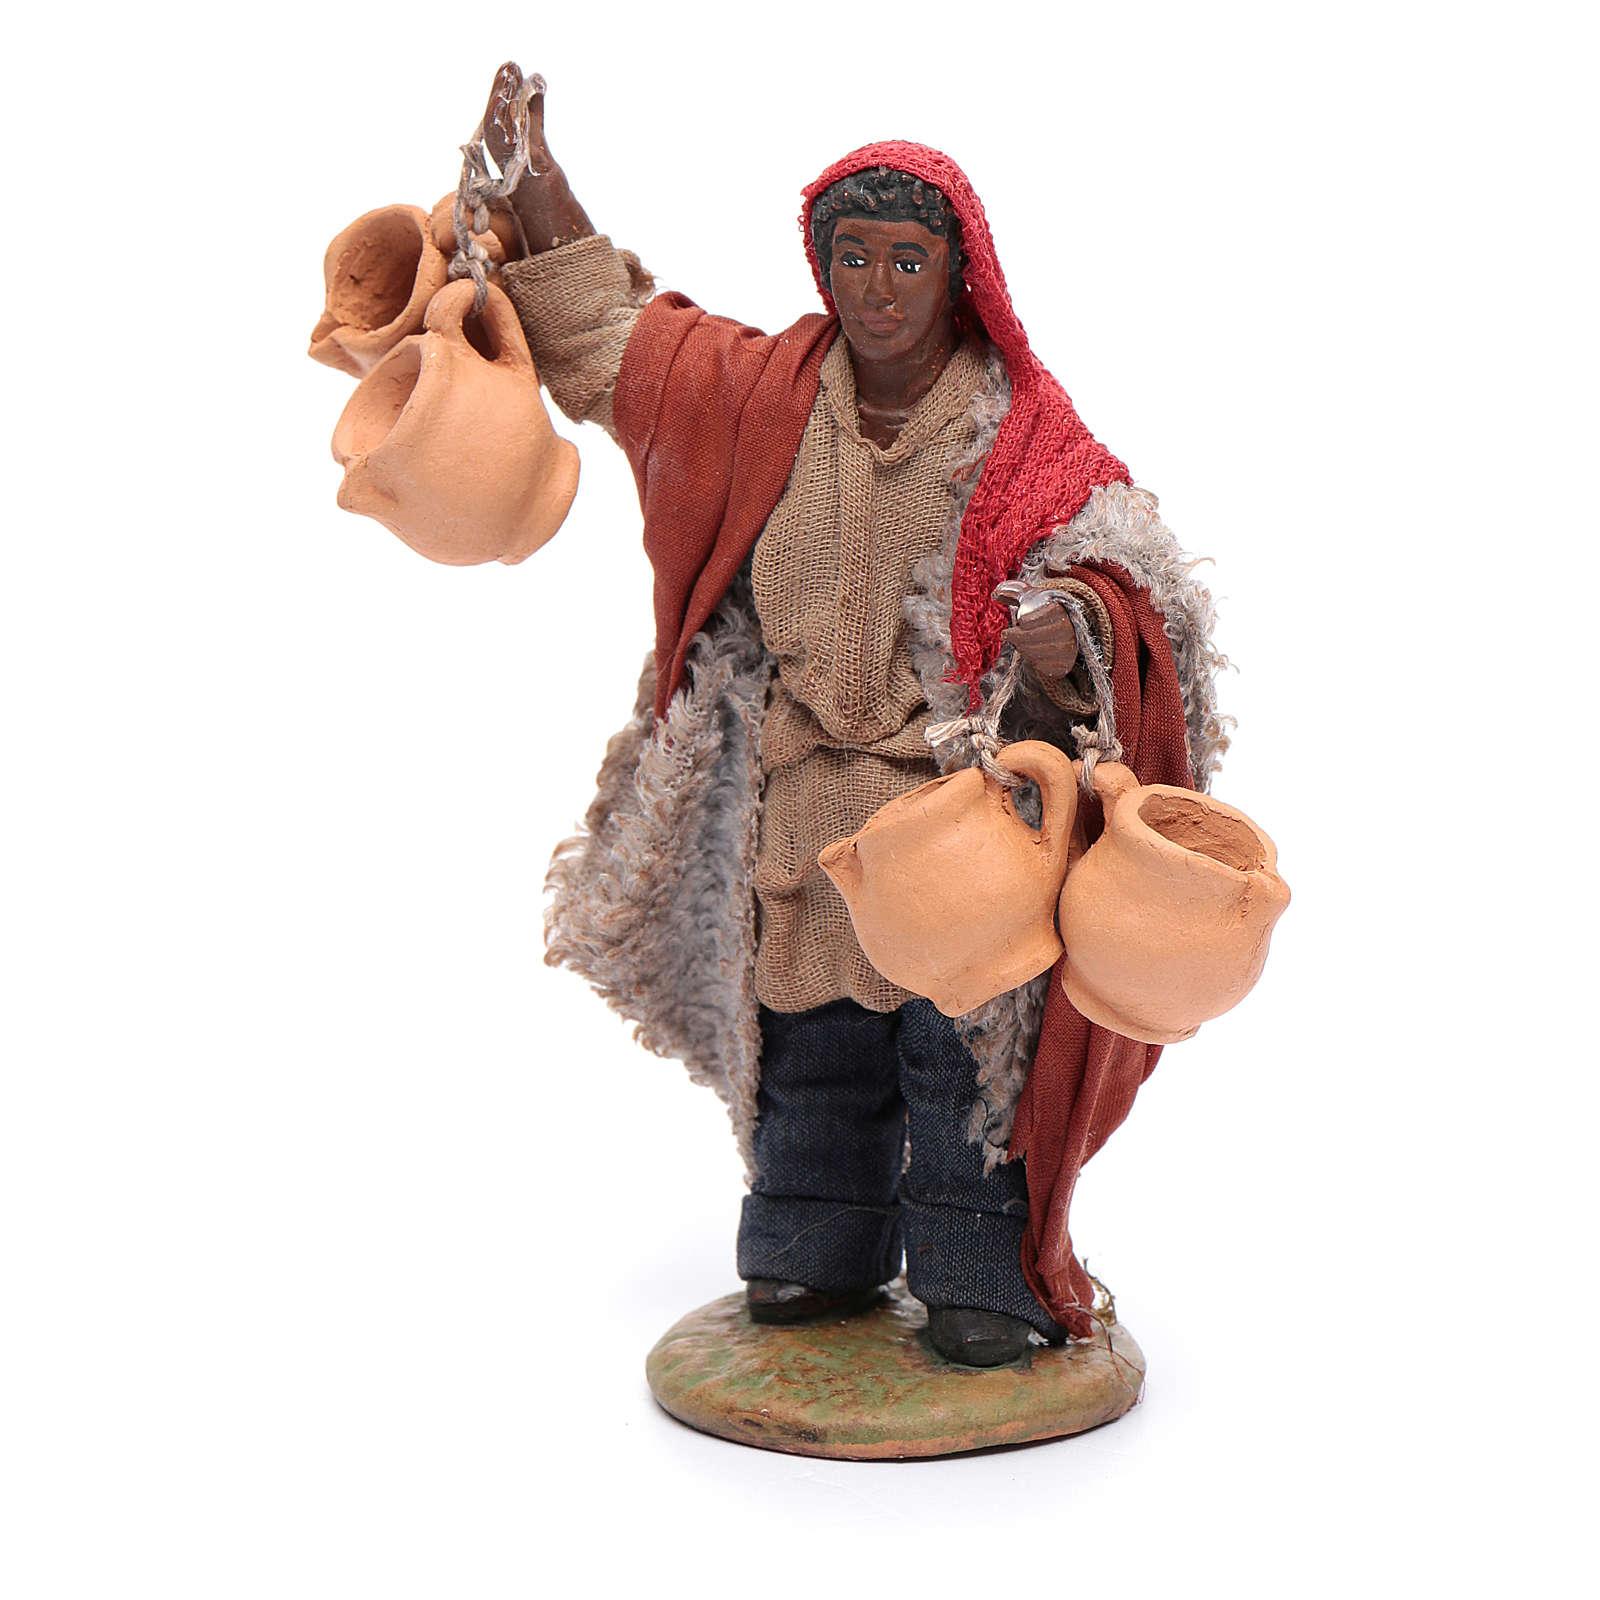 Uomo moro portatore di brocche appese 12 cm presepe Napoli 4